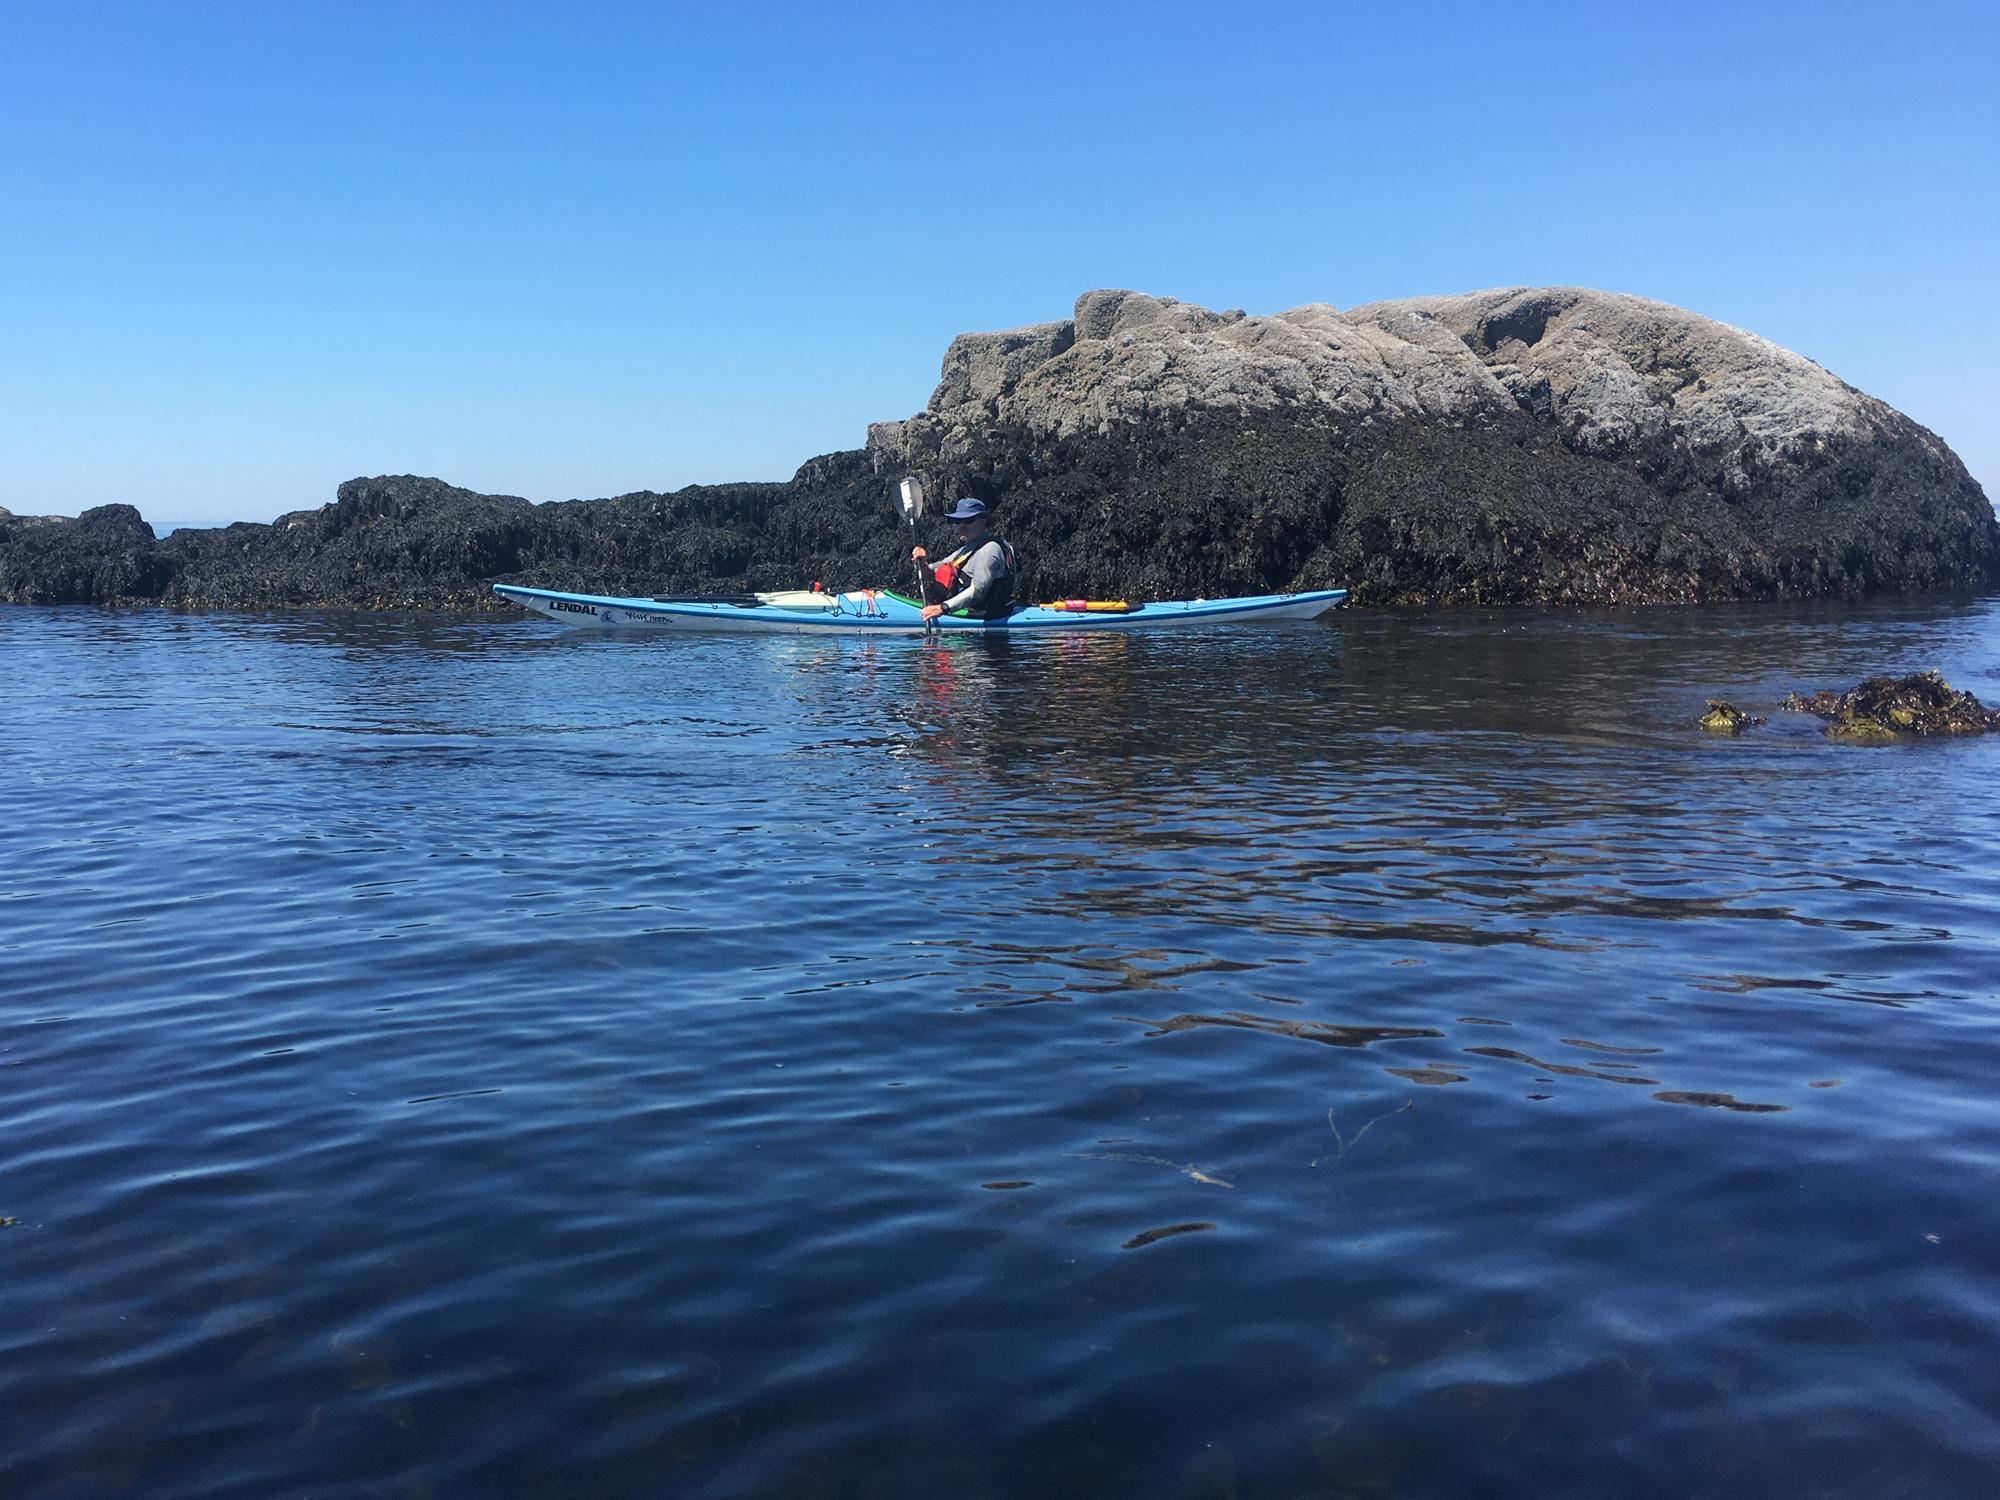 Jeff Kayaking